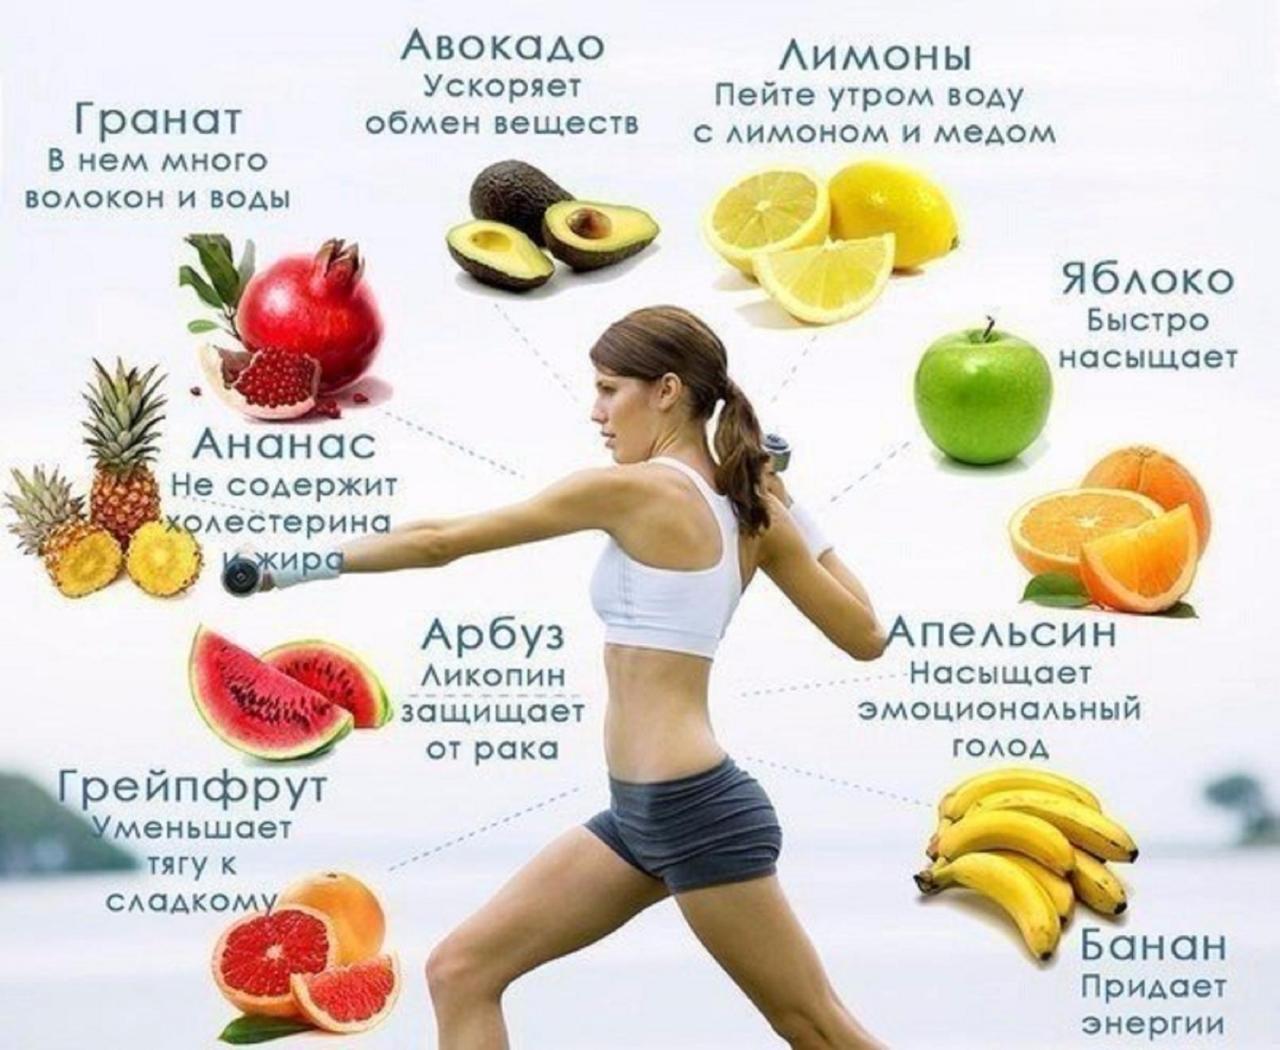 Какие Фрукты Можно Есть При Диеты. Диетические фрукты - меню диеты и разгрузочные дни, польза для похудения и выведения жира